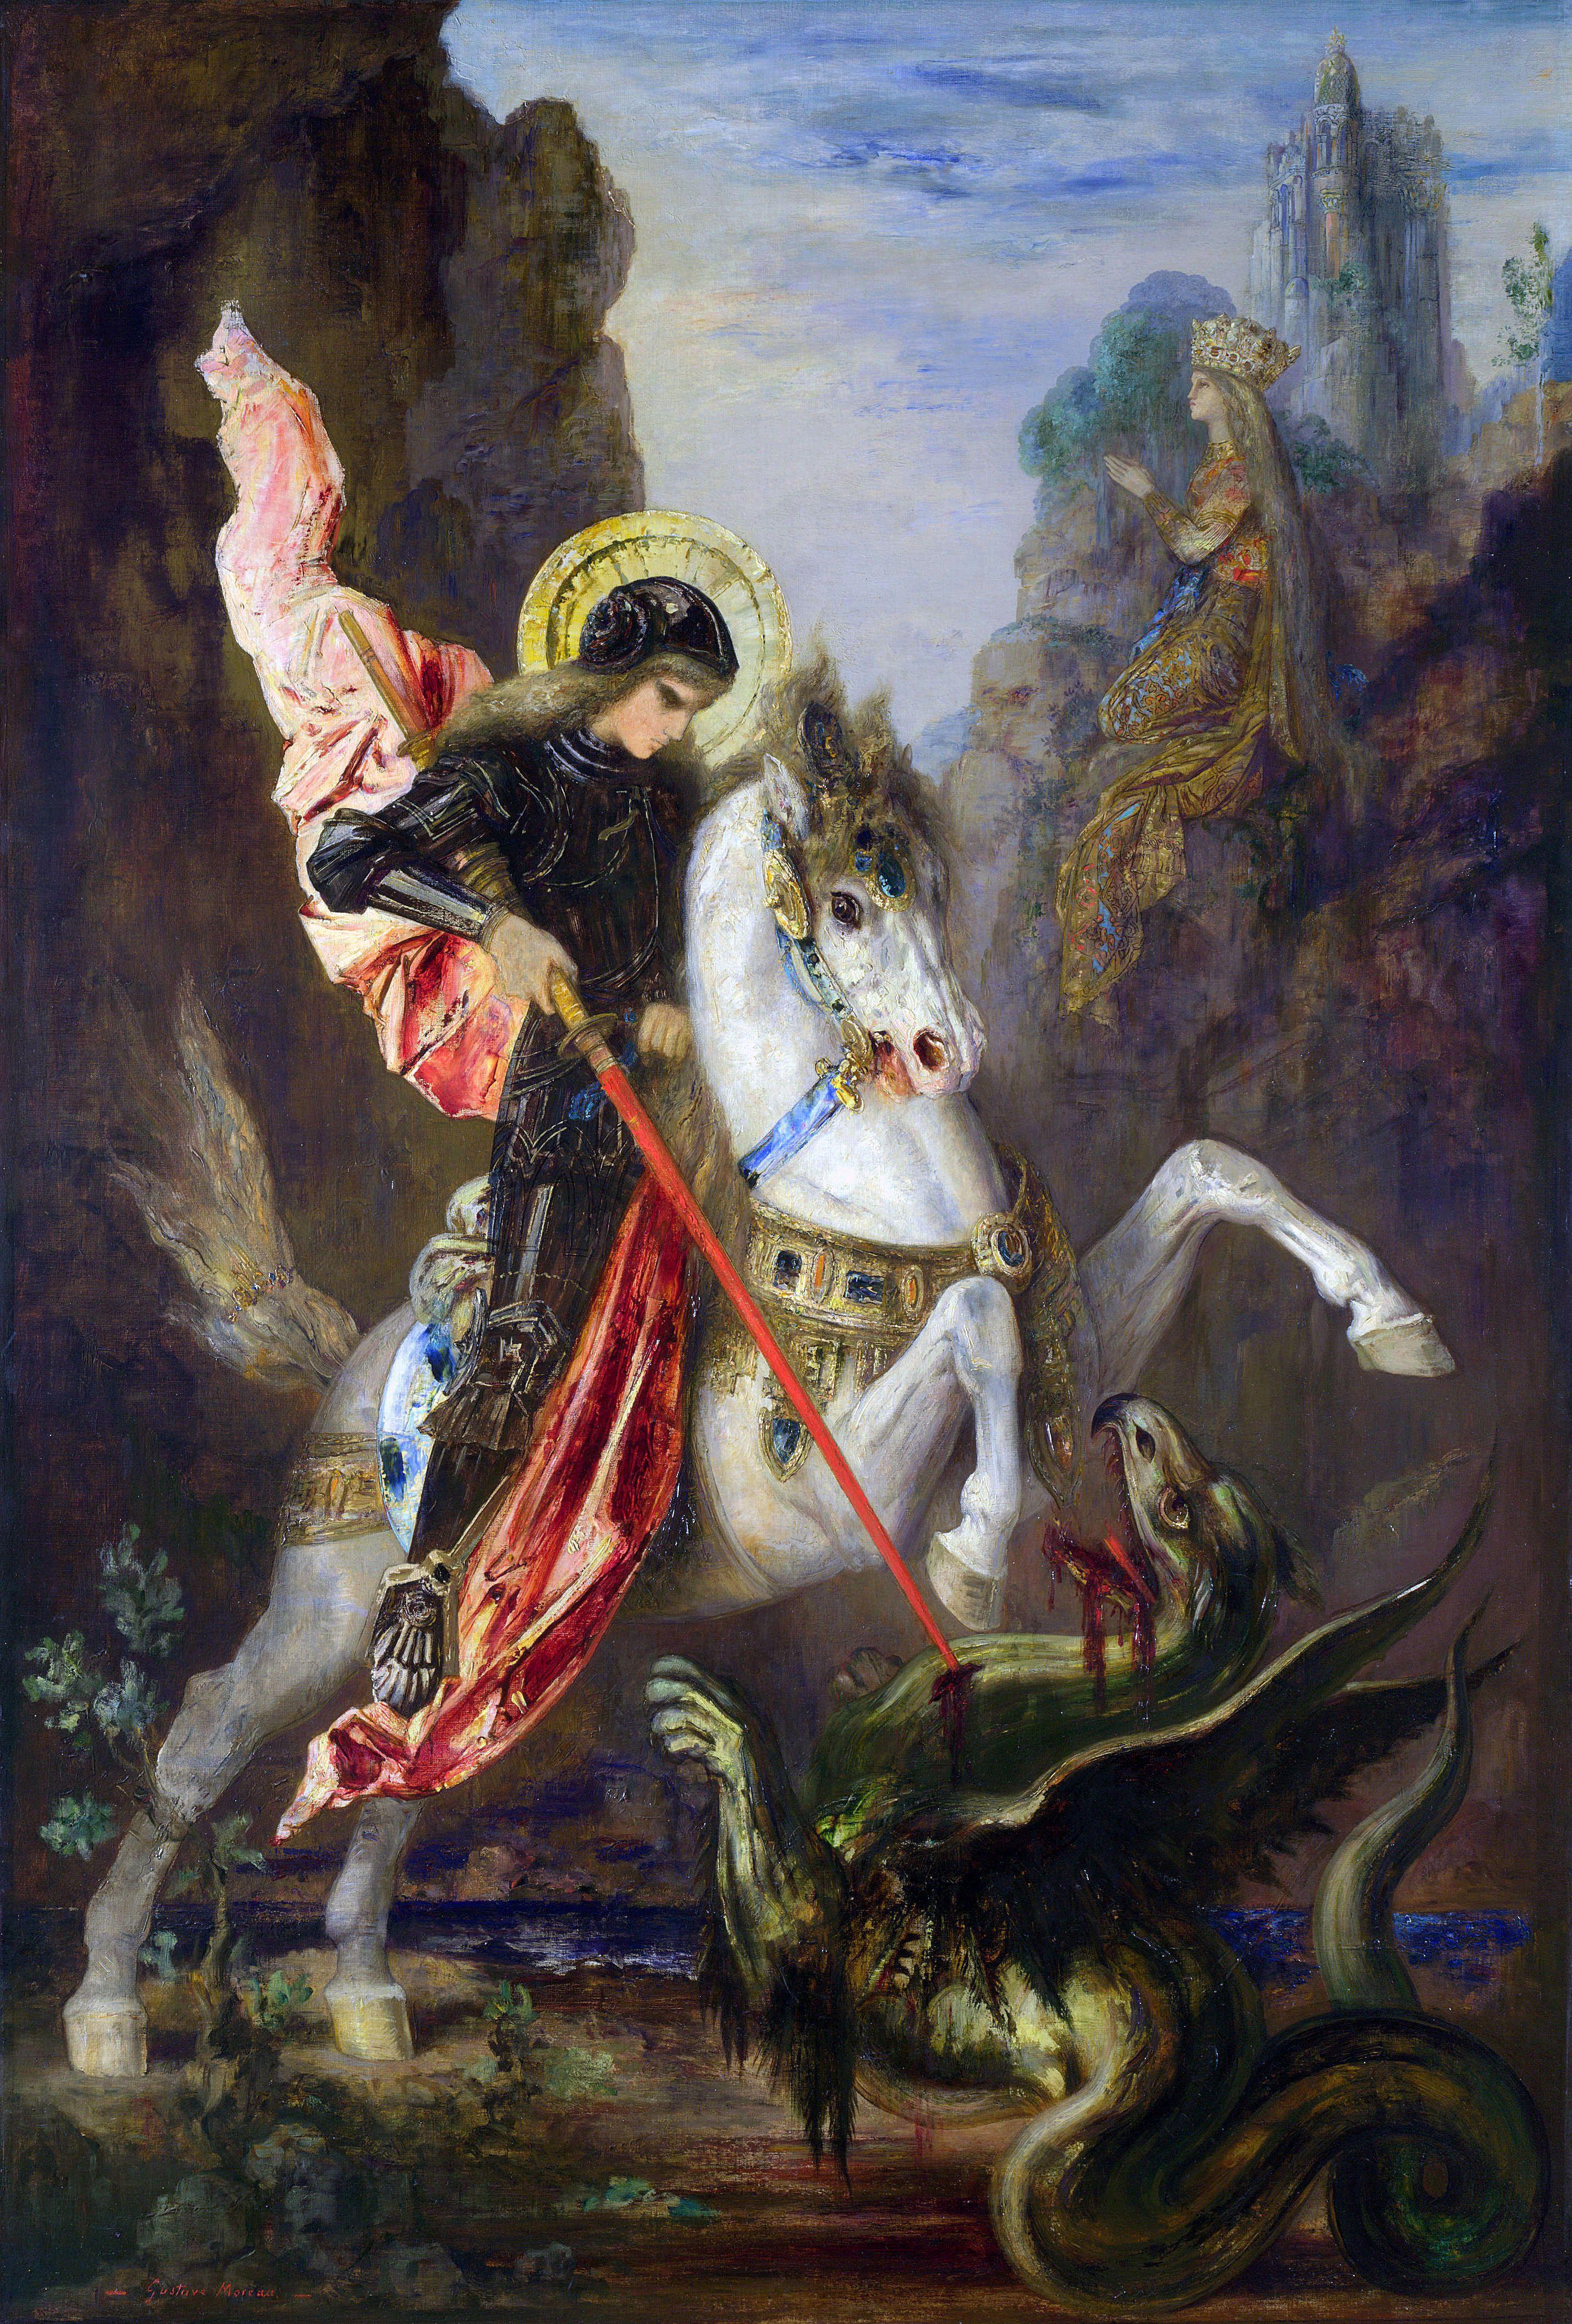 SAN JORGE BENDITO  RUEGA POR NOSOTROS  White Horse - lucho - Dragon - Gallop - Gustave Moreau - pintor francés